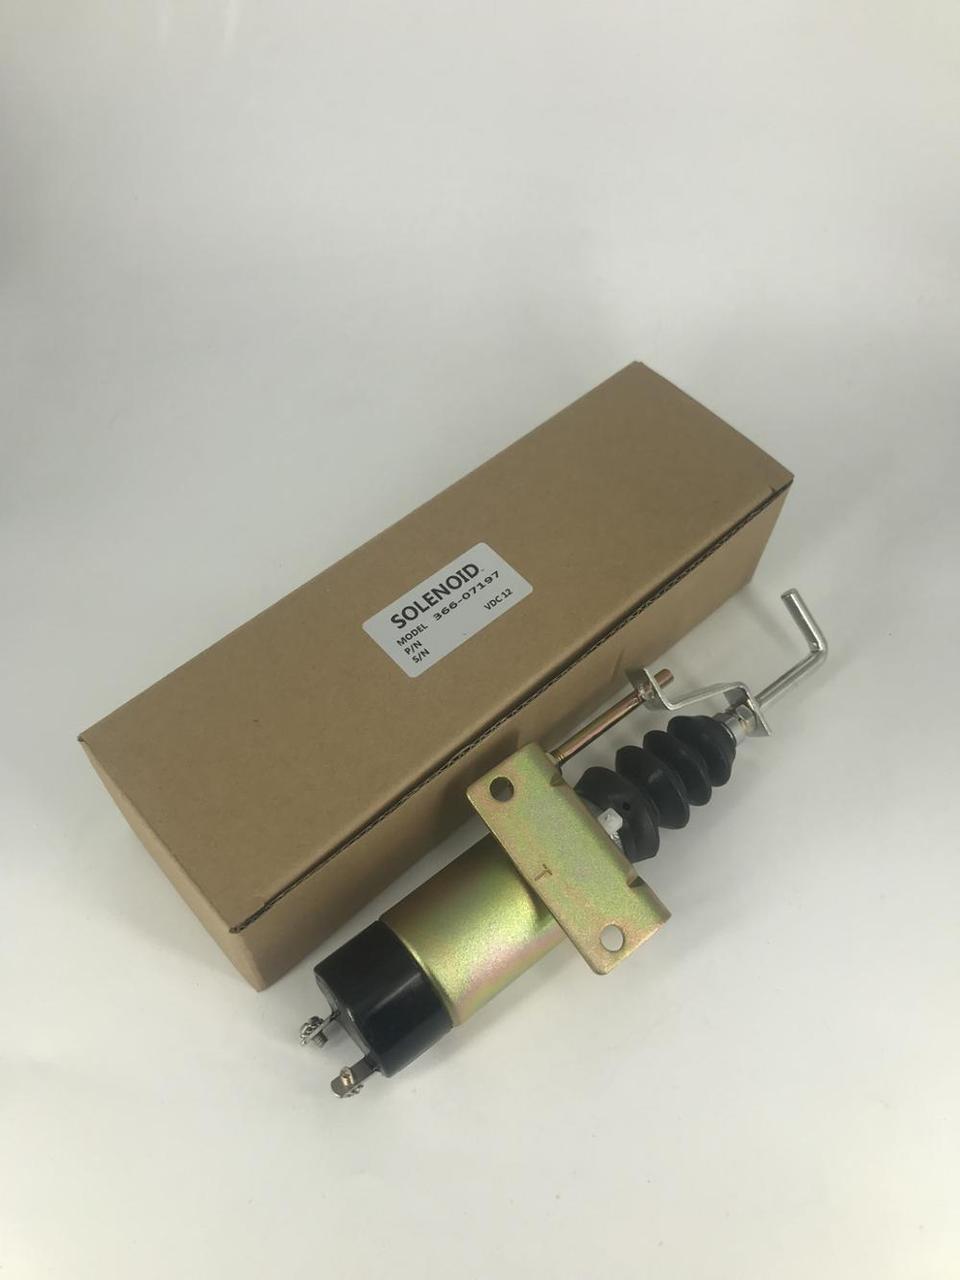 12 В дизельный двигатель генератора топливо отключить электромагнитный клапан 366-07197